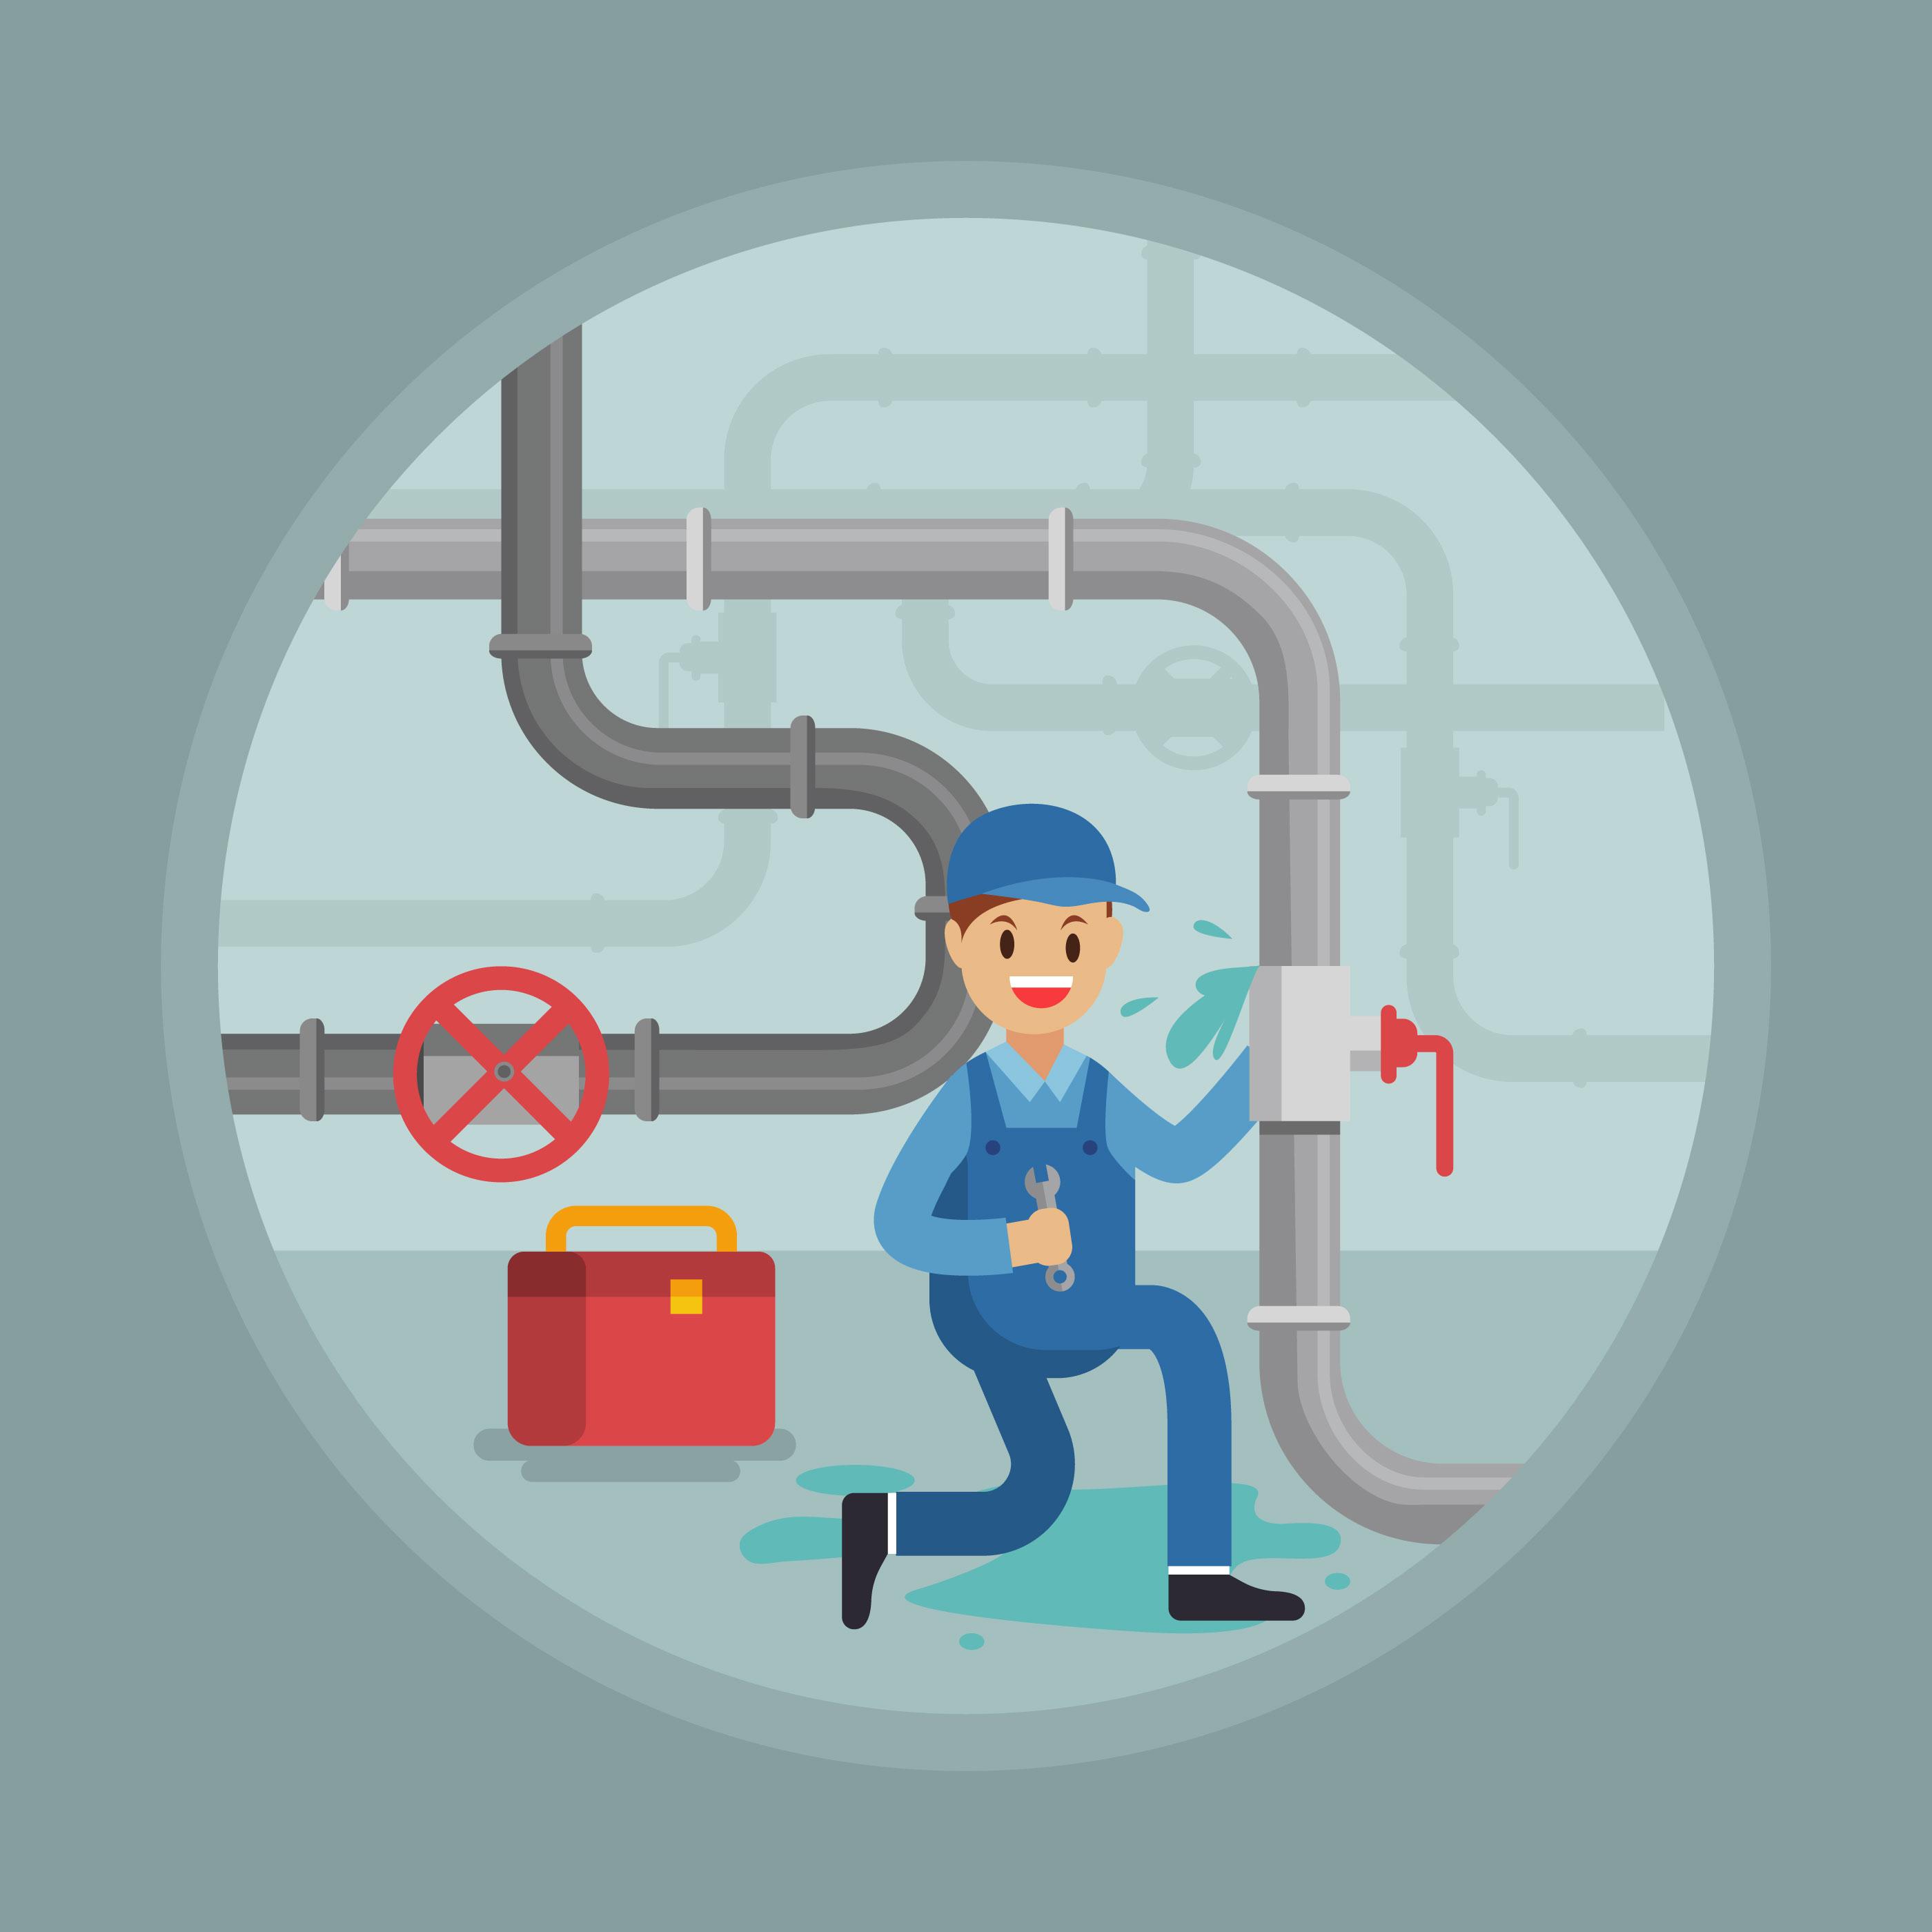 Plumber Repair Man Illustration Download Free Vectors